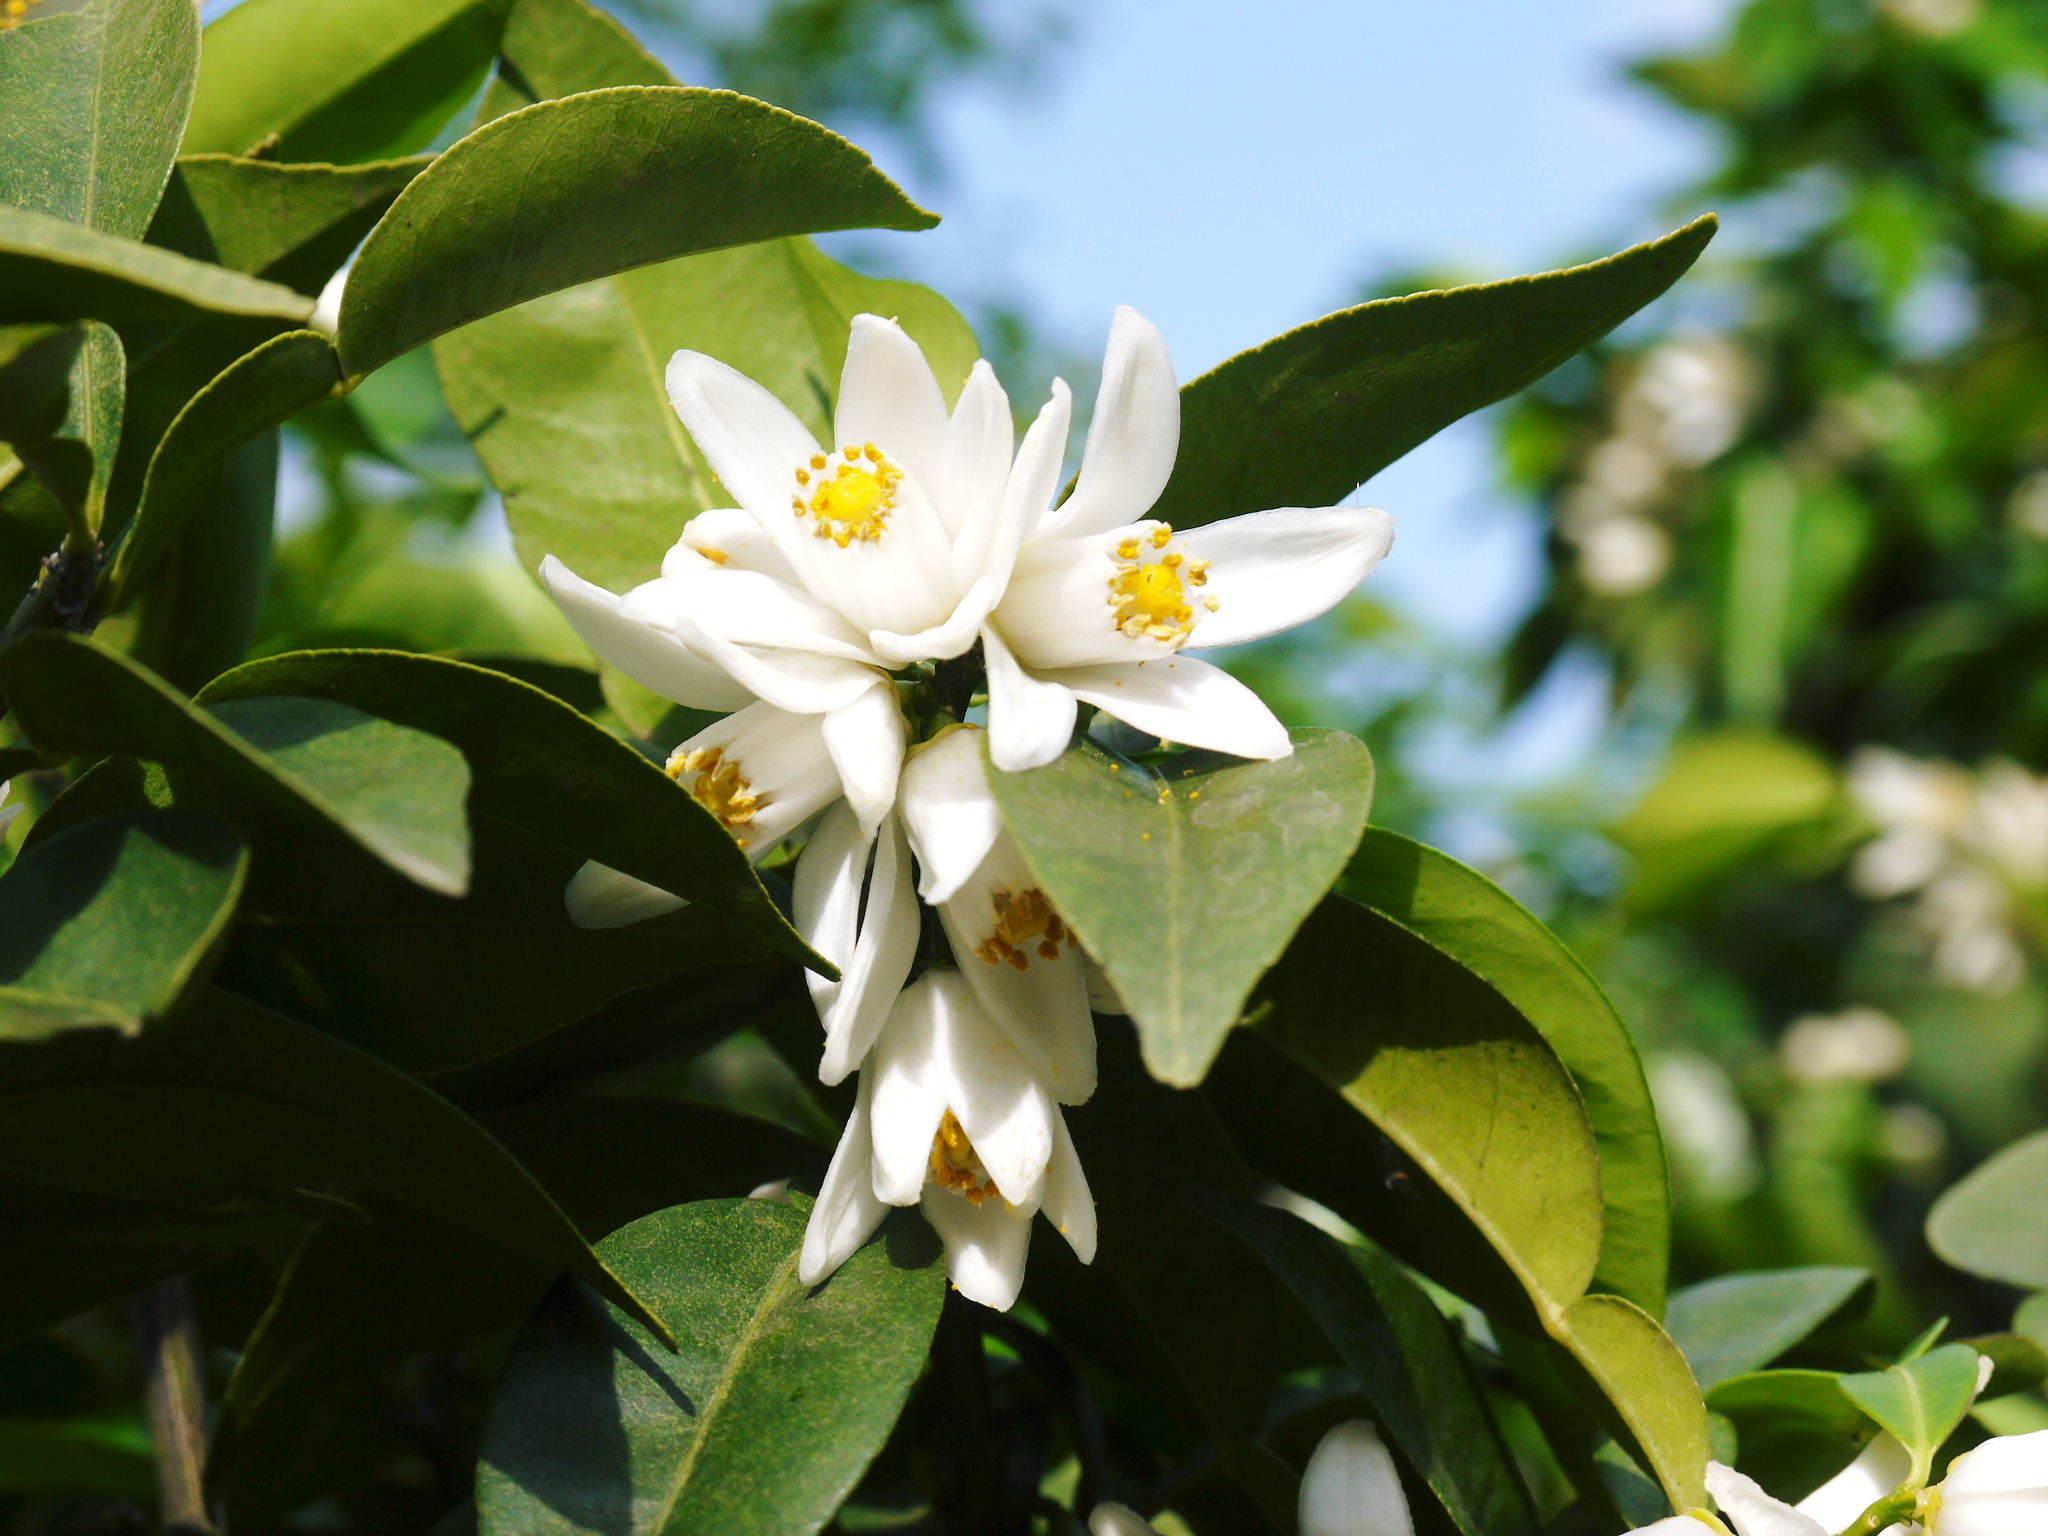 香り高き柚子(ゆず) 今年も元気な花が咲き誇ってます!柚子の花(2020)_a0254656_18541409.jpg